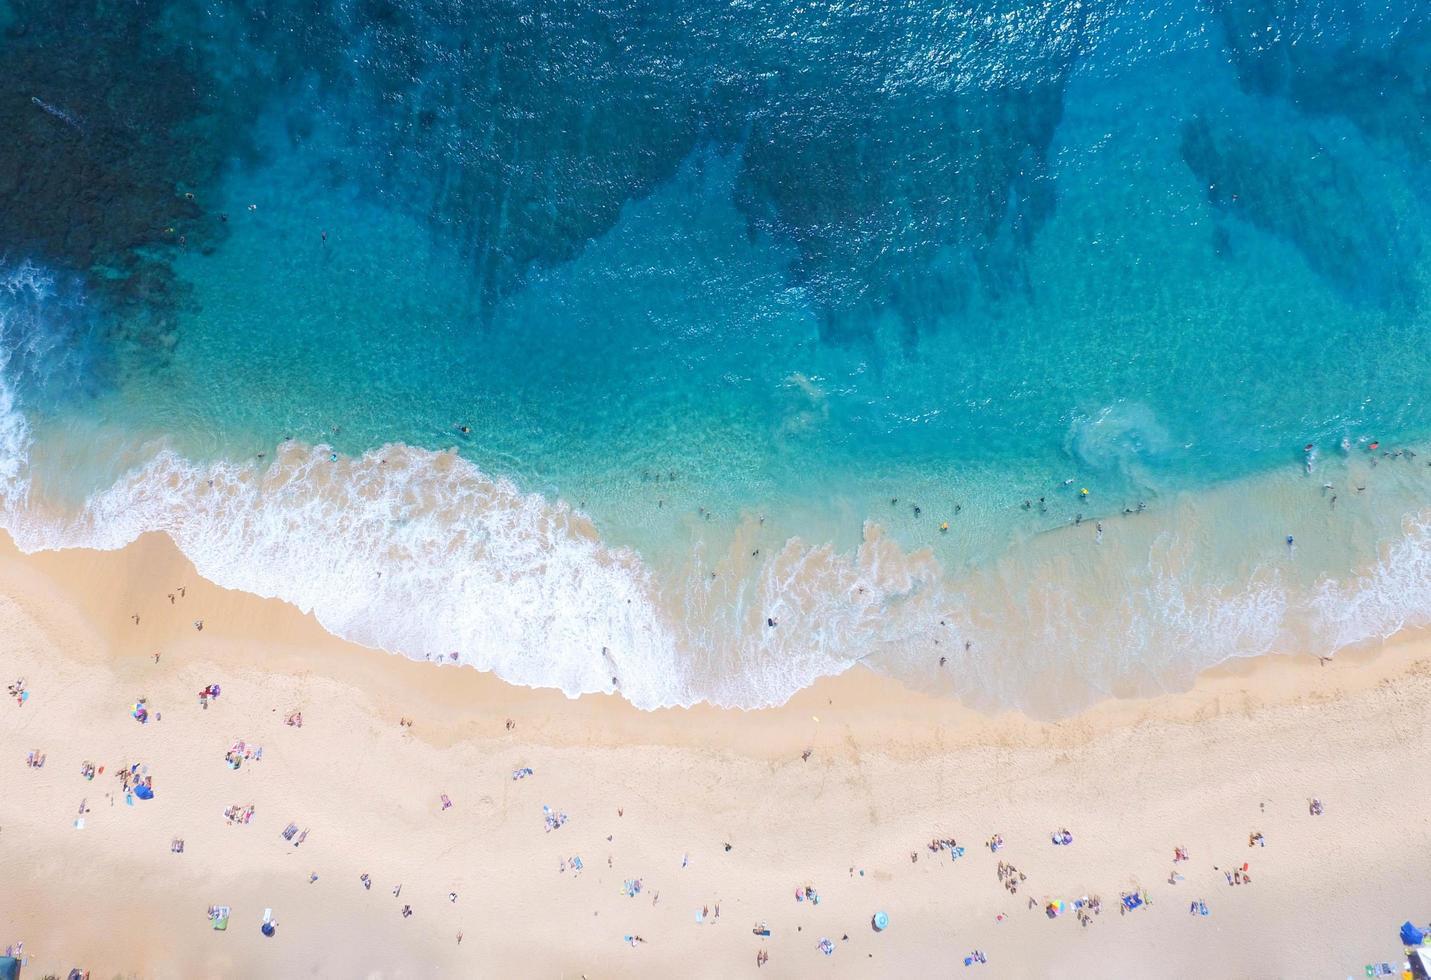 fotografía aérea de personas nadando foto